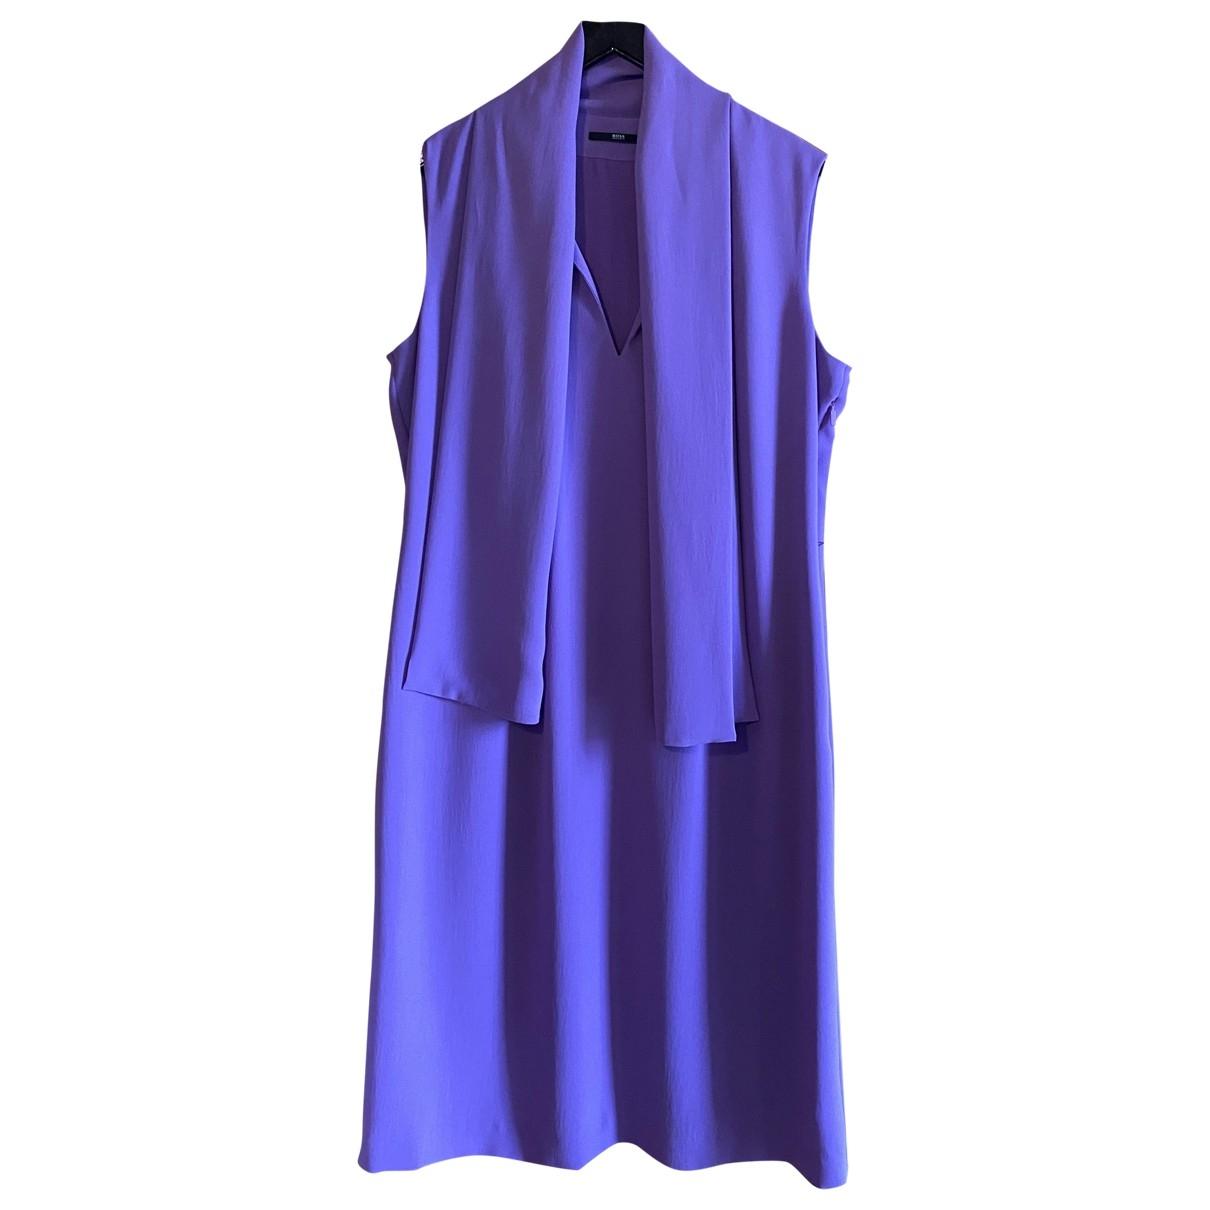 Hugo Boss - Robe   pour femme - violet